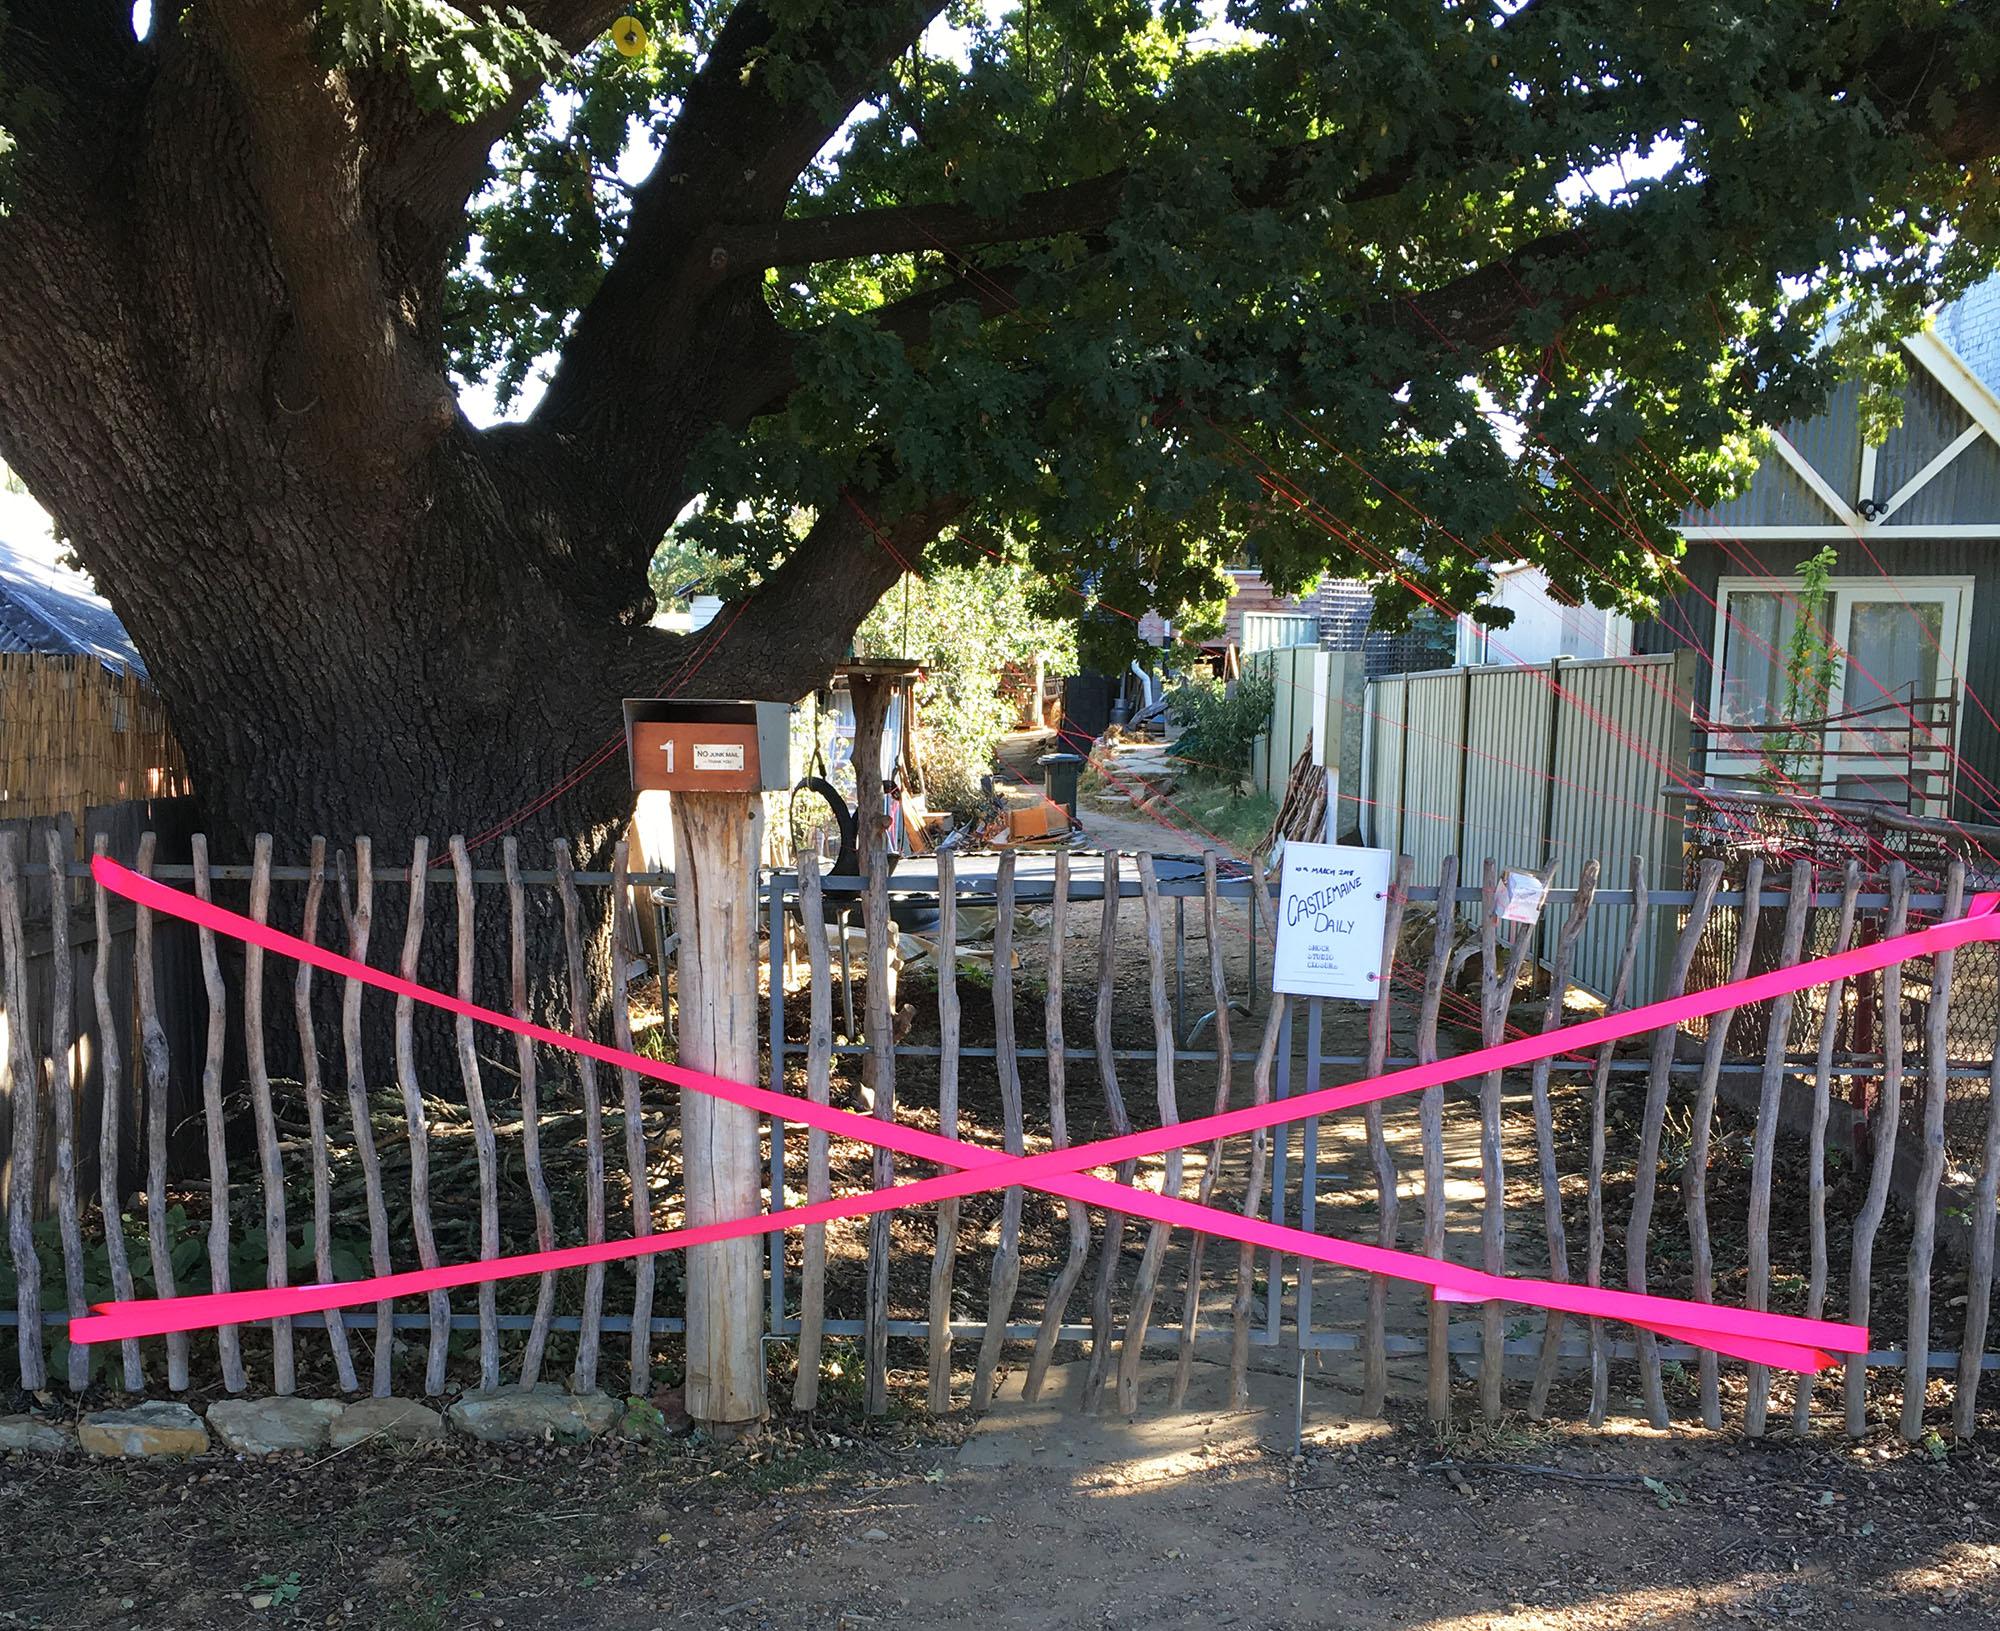 CiPi studio closure - gate barricade